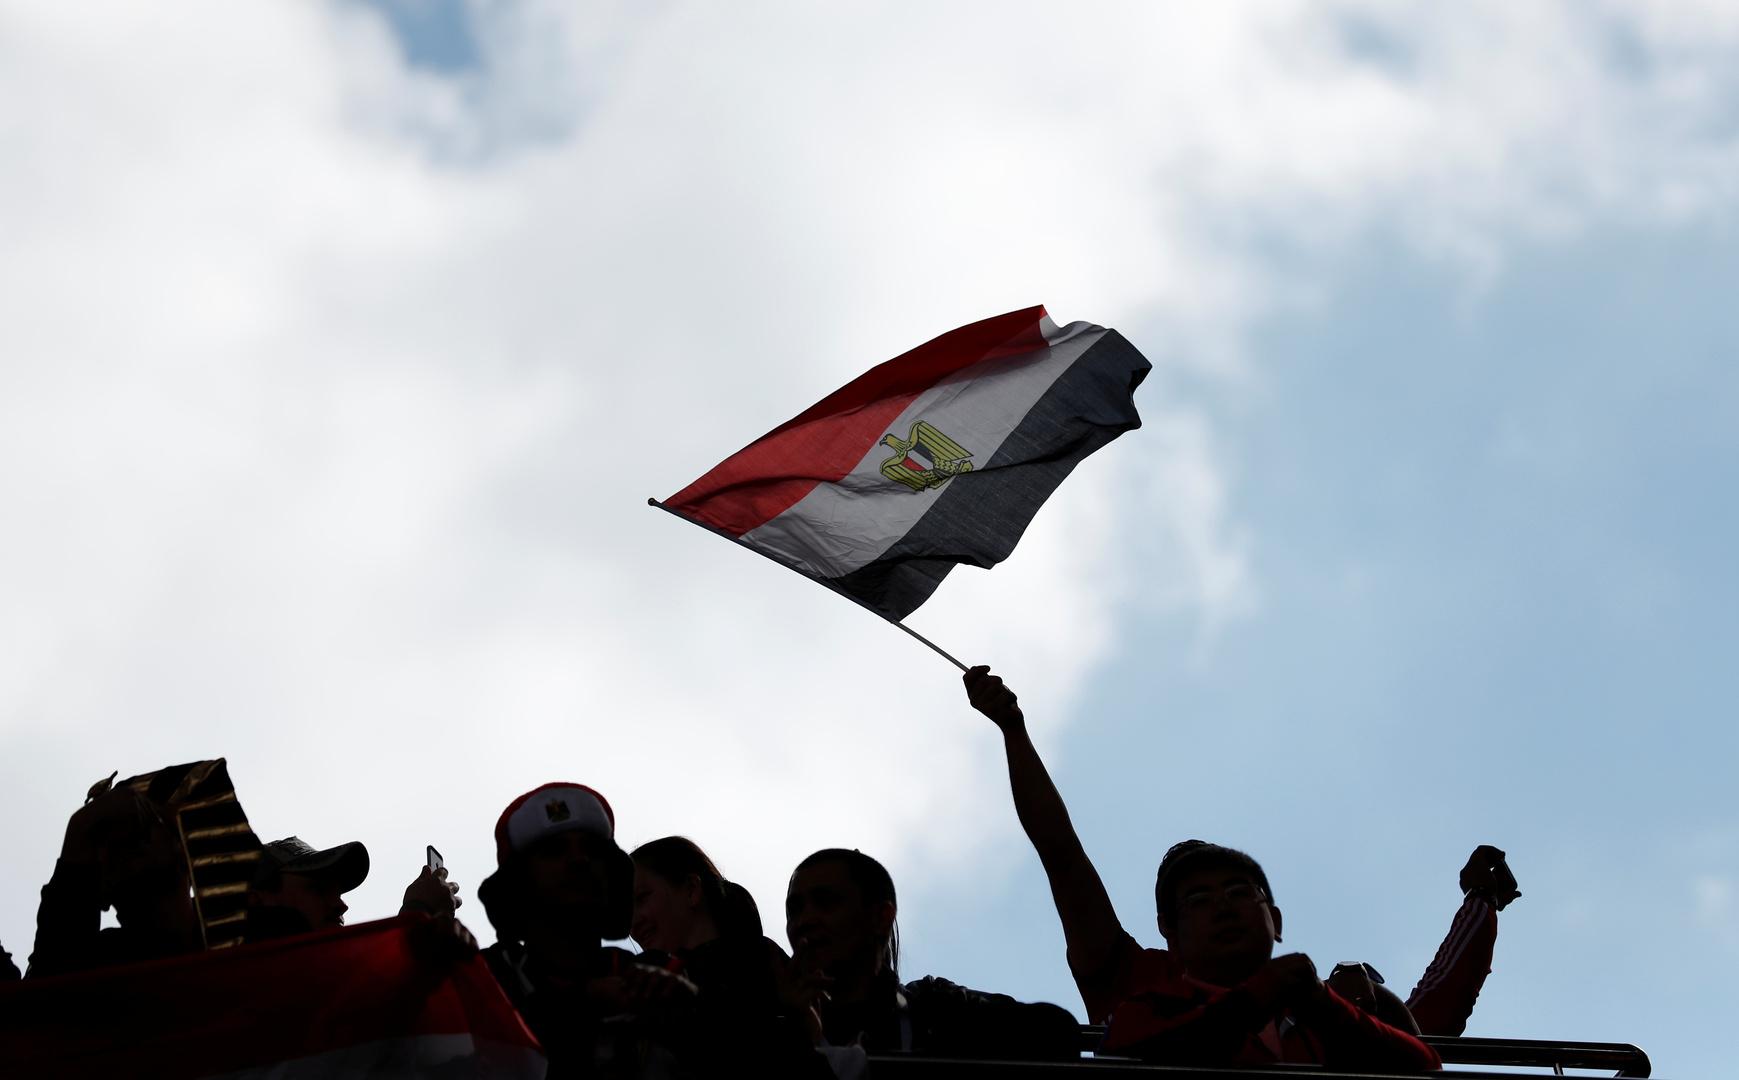 أول تحرك رسمي في مصر ضد فيديو تجسيد مشهد ذبح الأقباط في ليبيا عبر الأطفال (صورة)